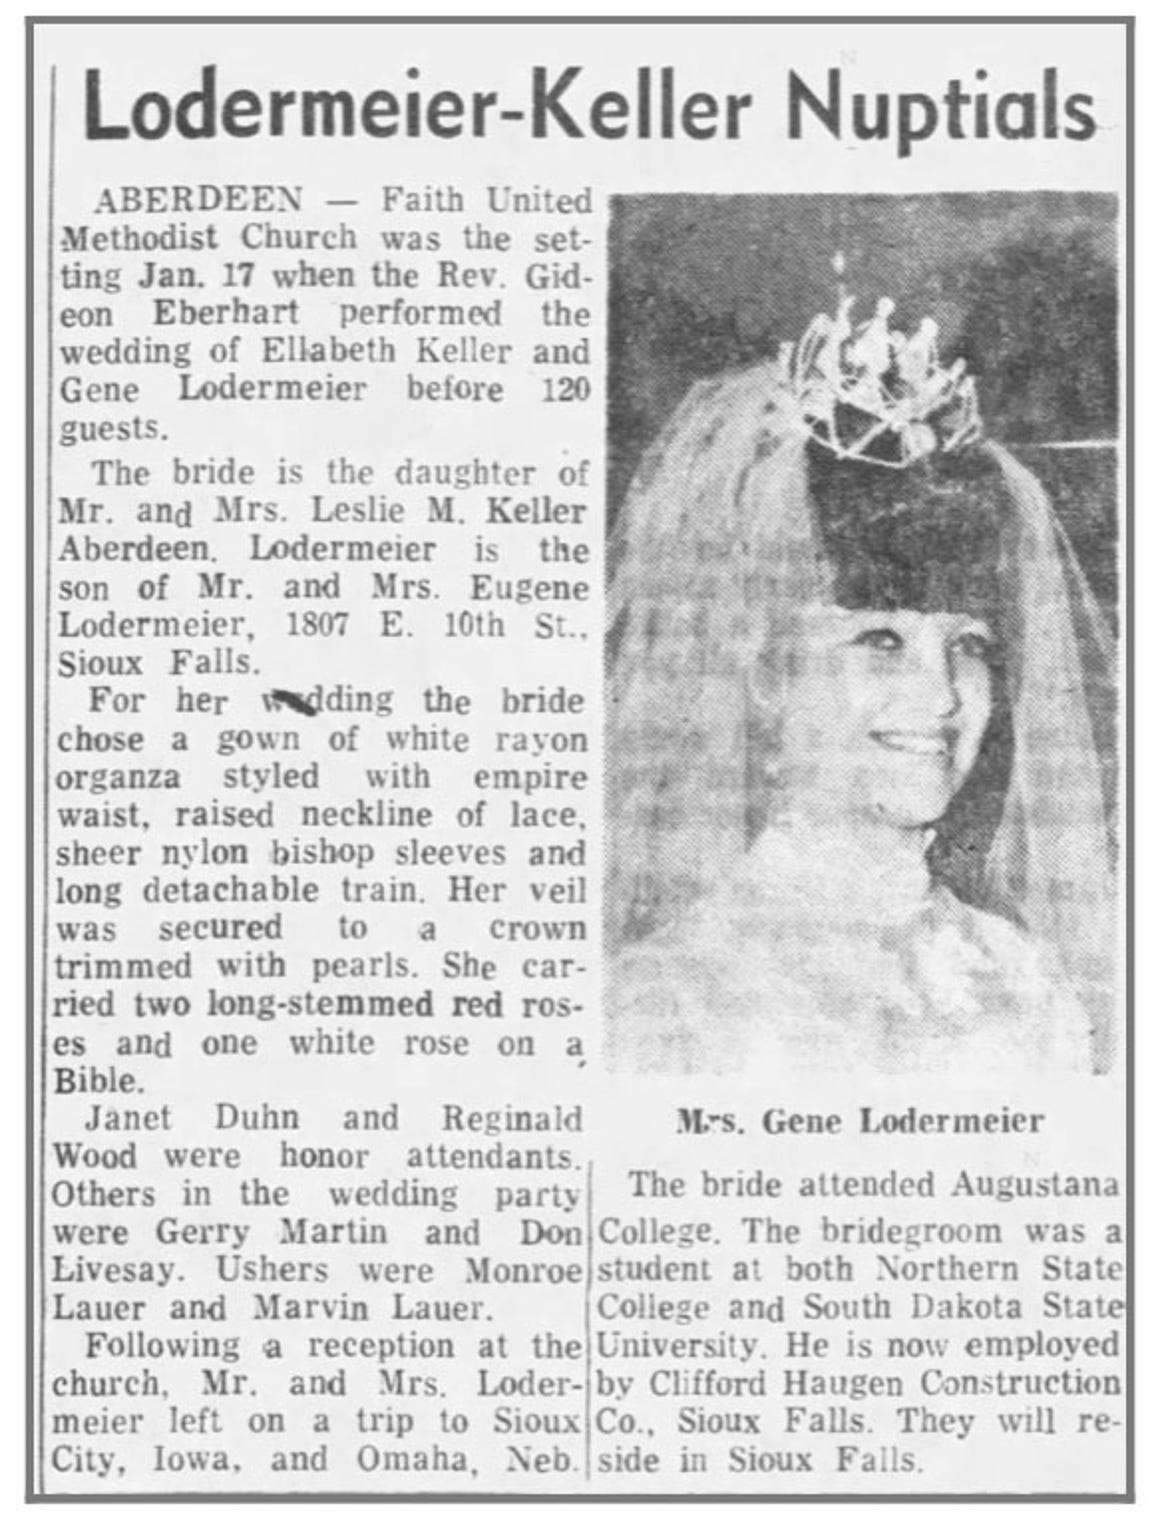 Argus Leader article Jan. 27, 1970.